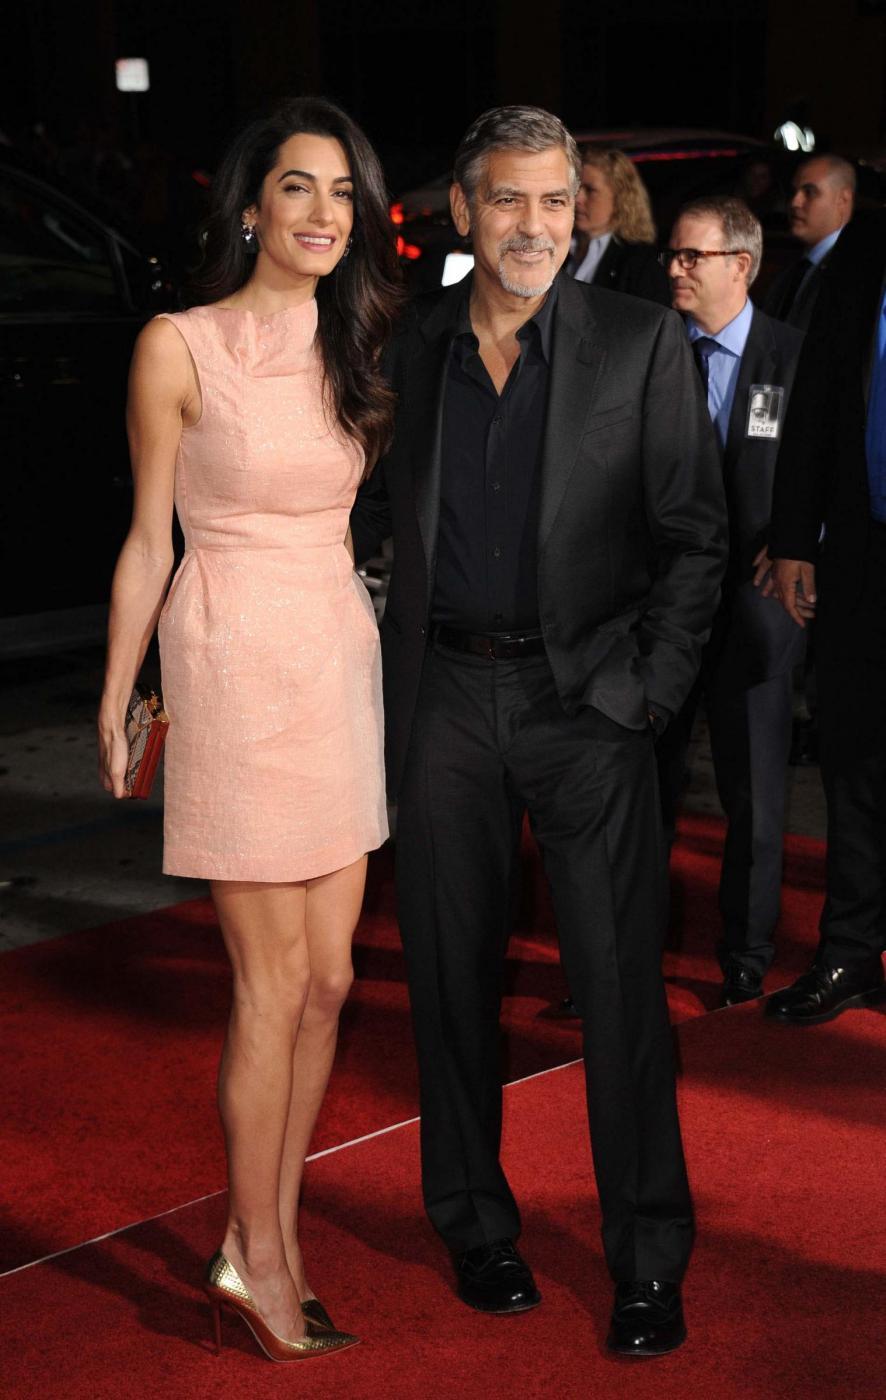 Amal Alamuddin Clooney, vestito rosa glitterato a Londra FOTO 5